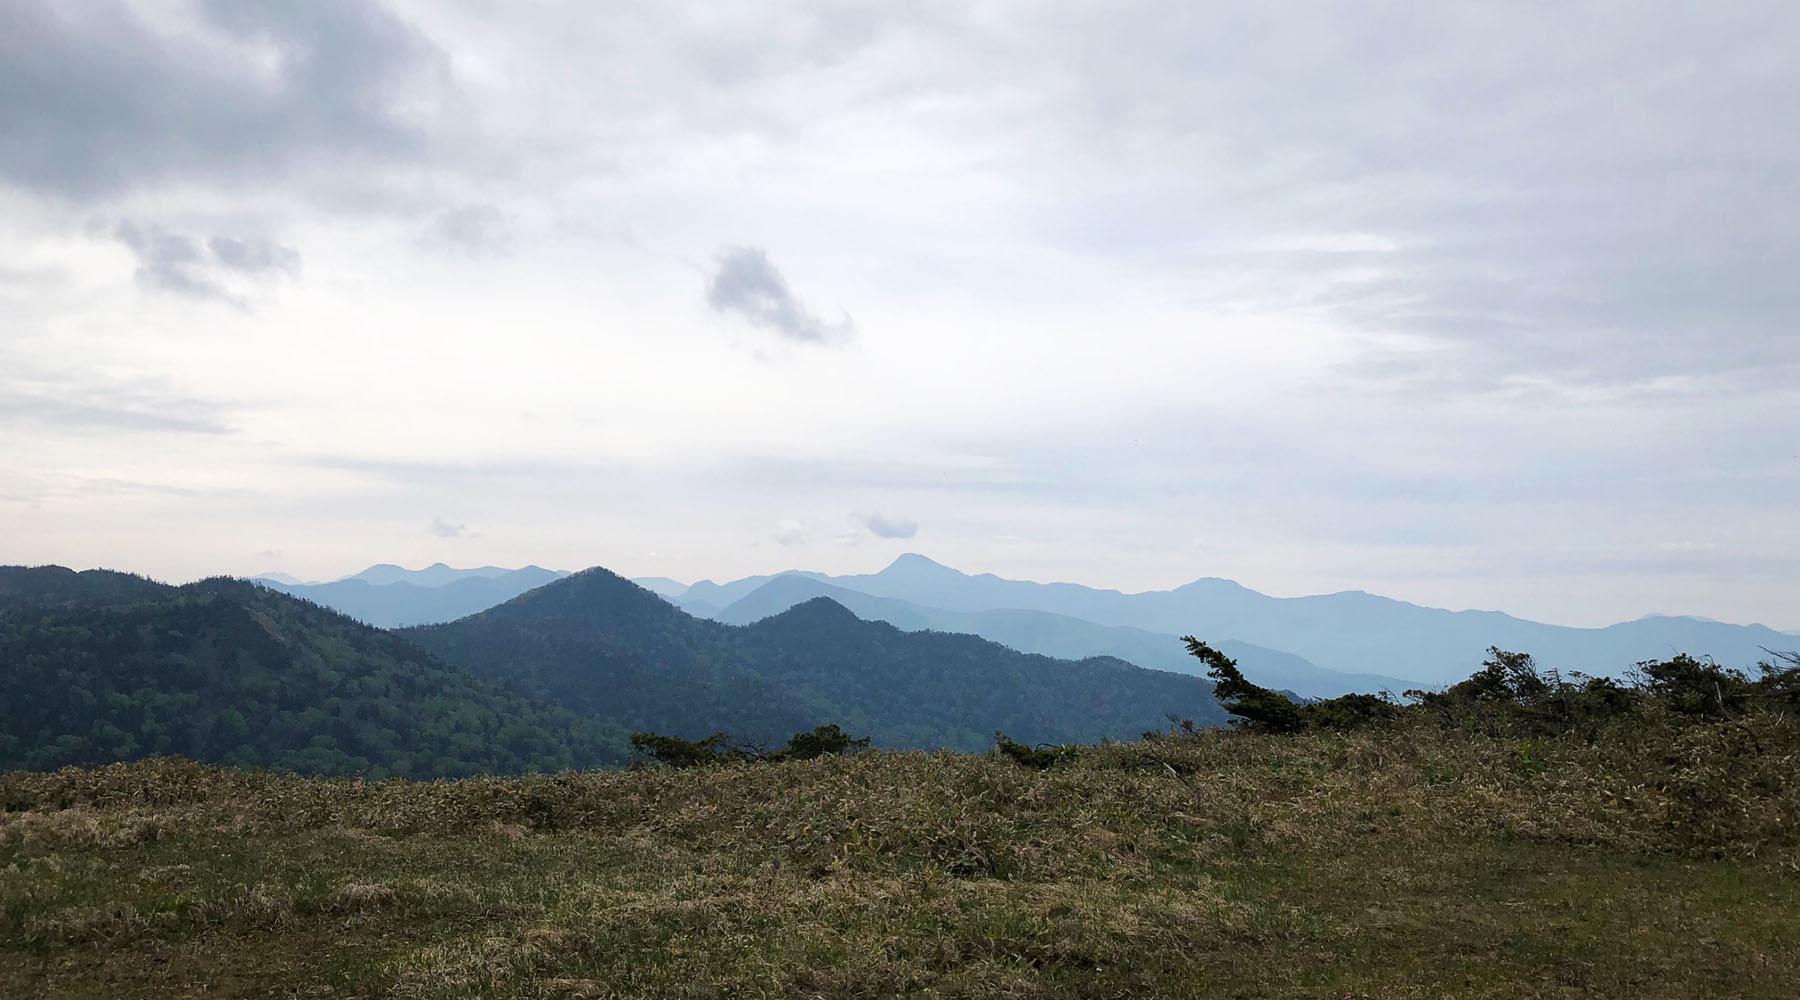 尾瀬・アヤメ平から見た皇海山方面